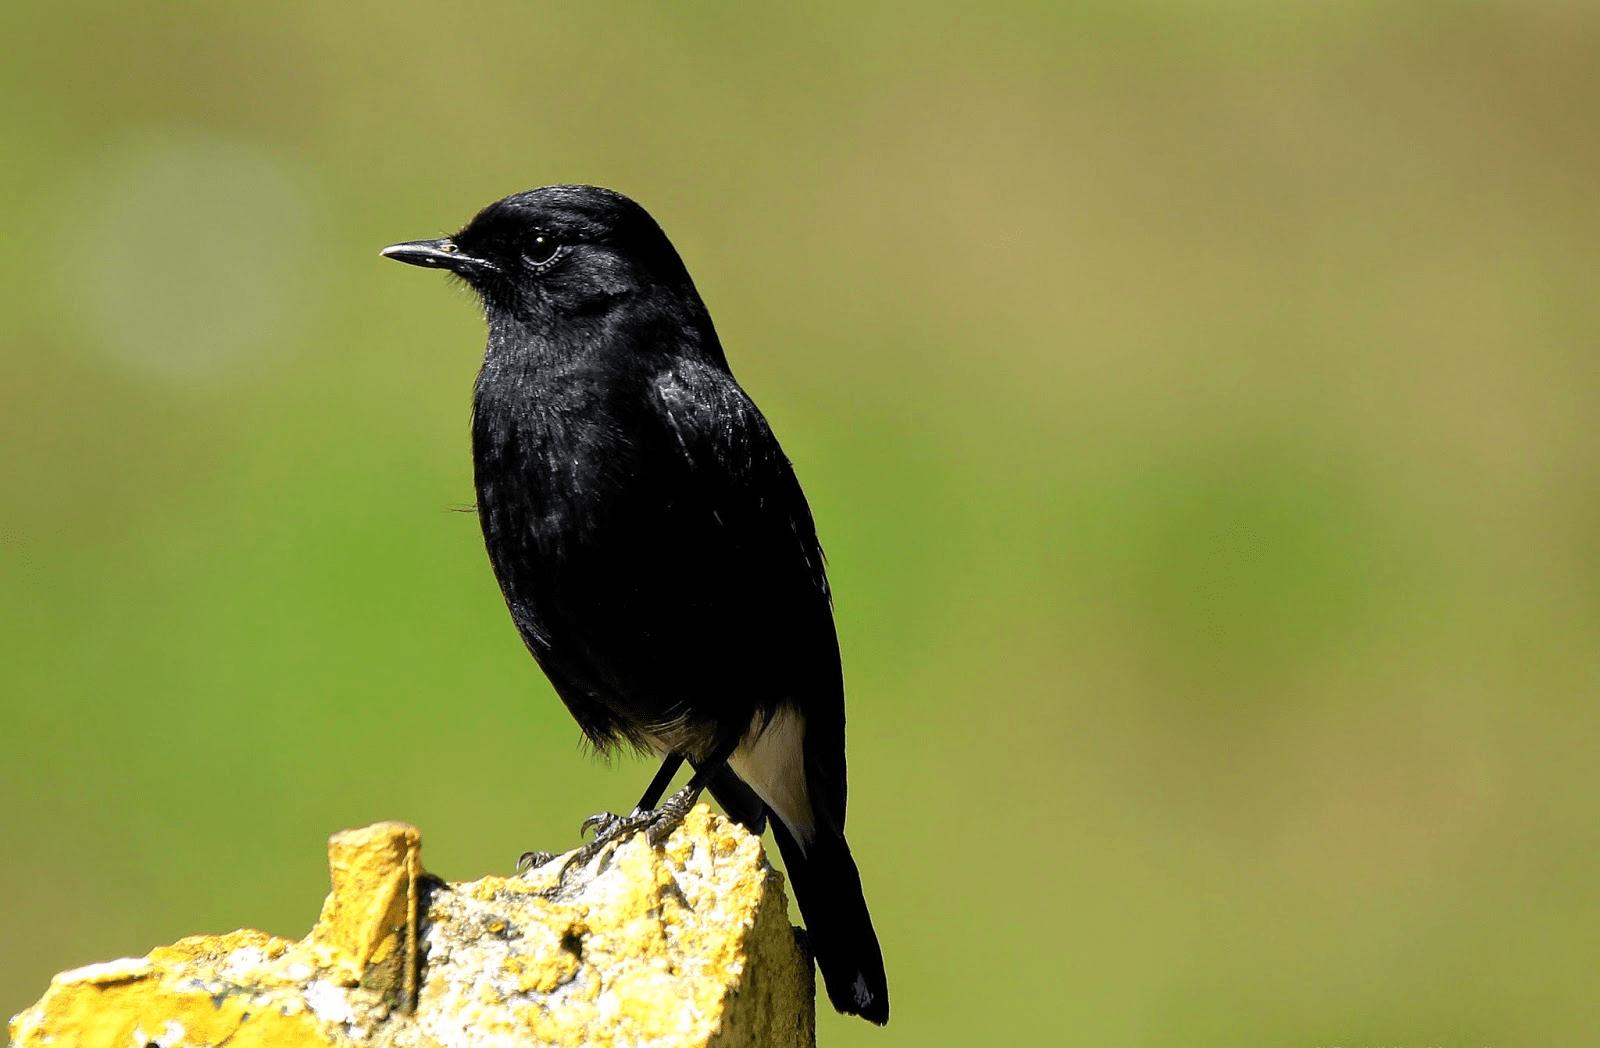 karakteristik burung decu